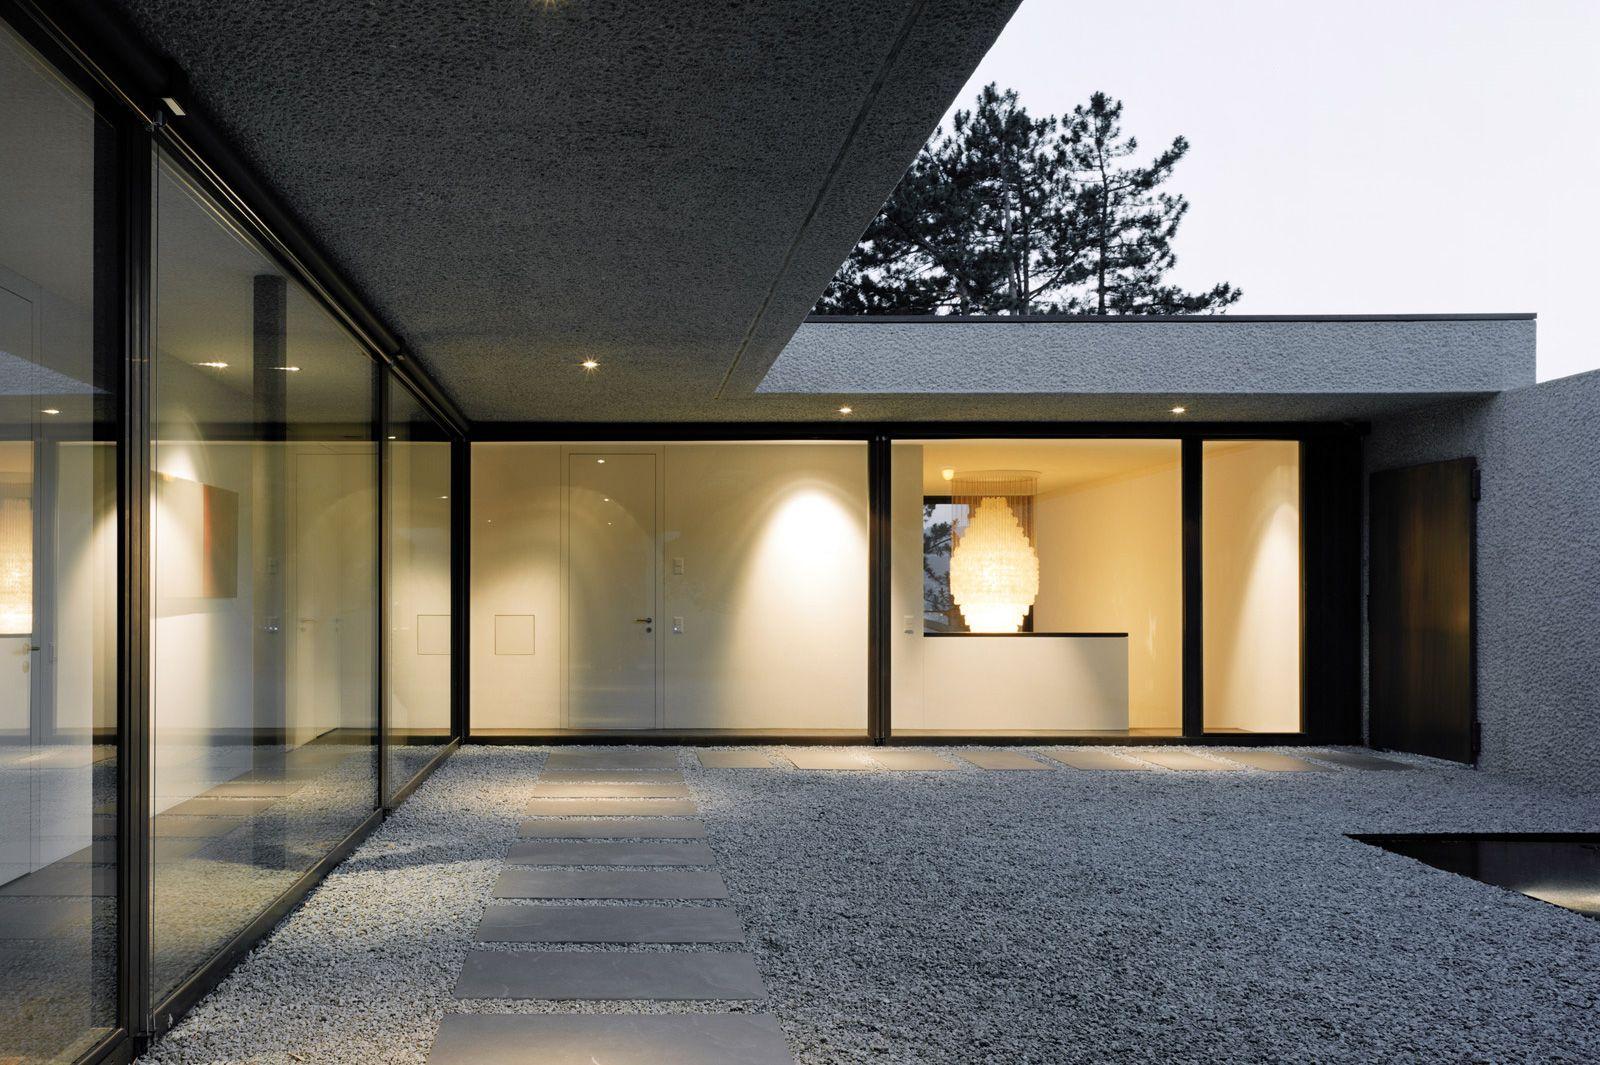 Projekte – Huber Fenster | Architektur | Pinterest | Bauhaus and Facades